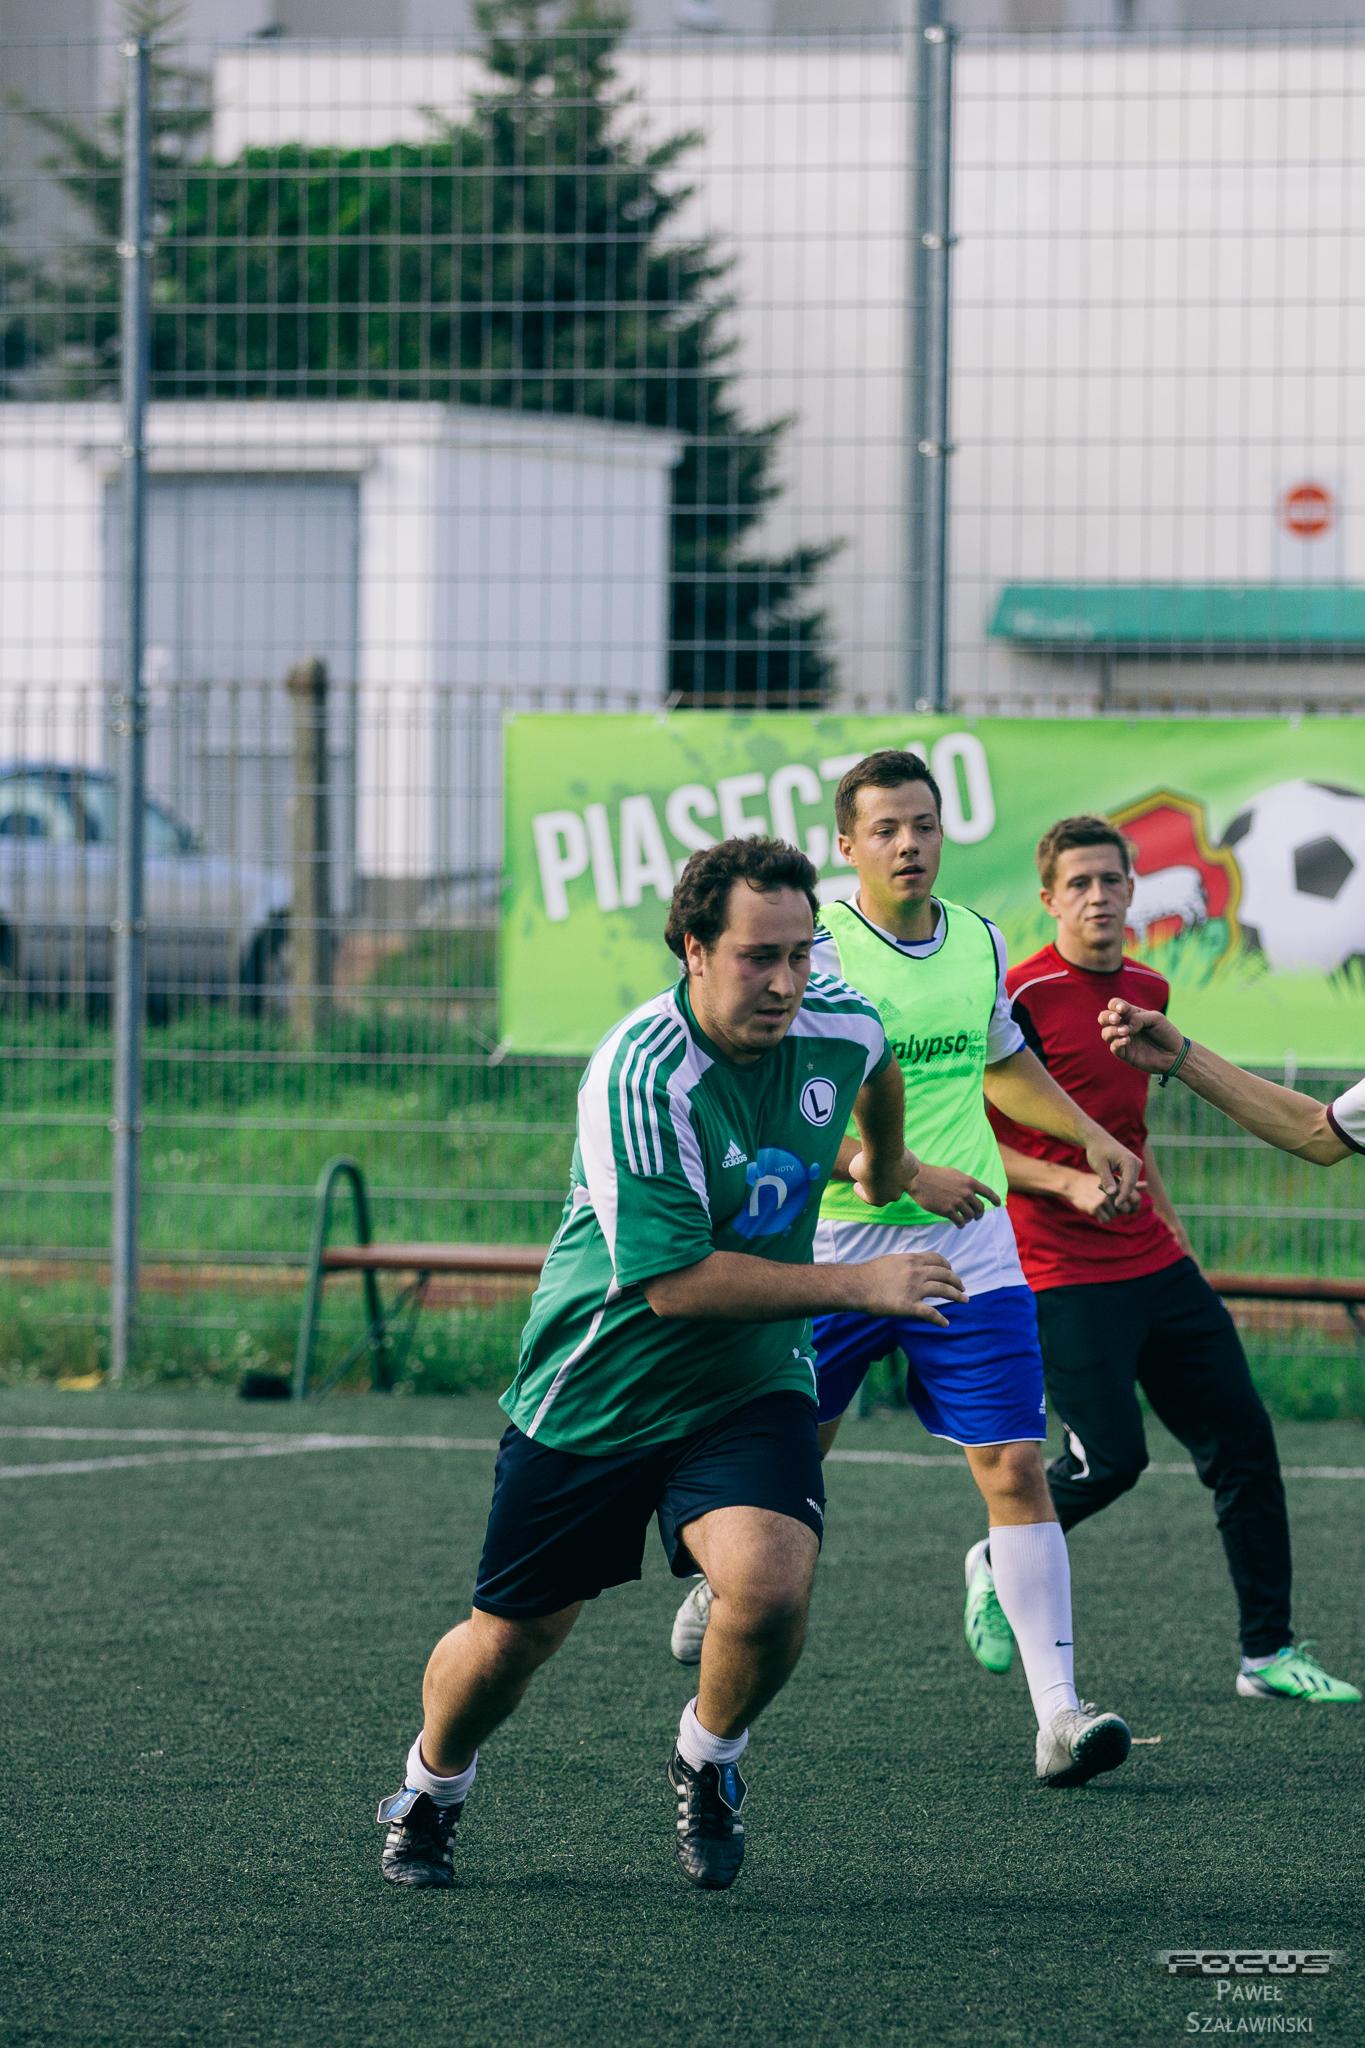 fot. Paweł Szaławiński